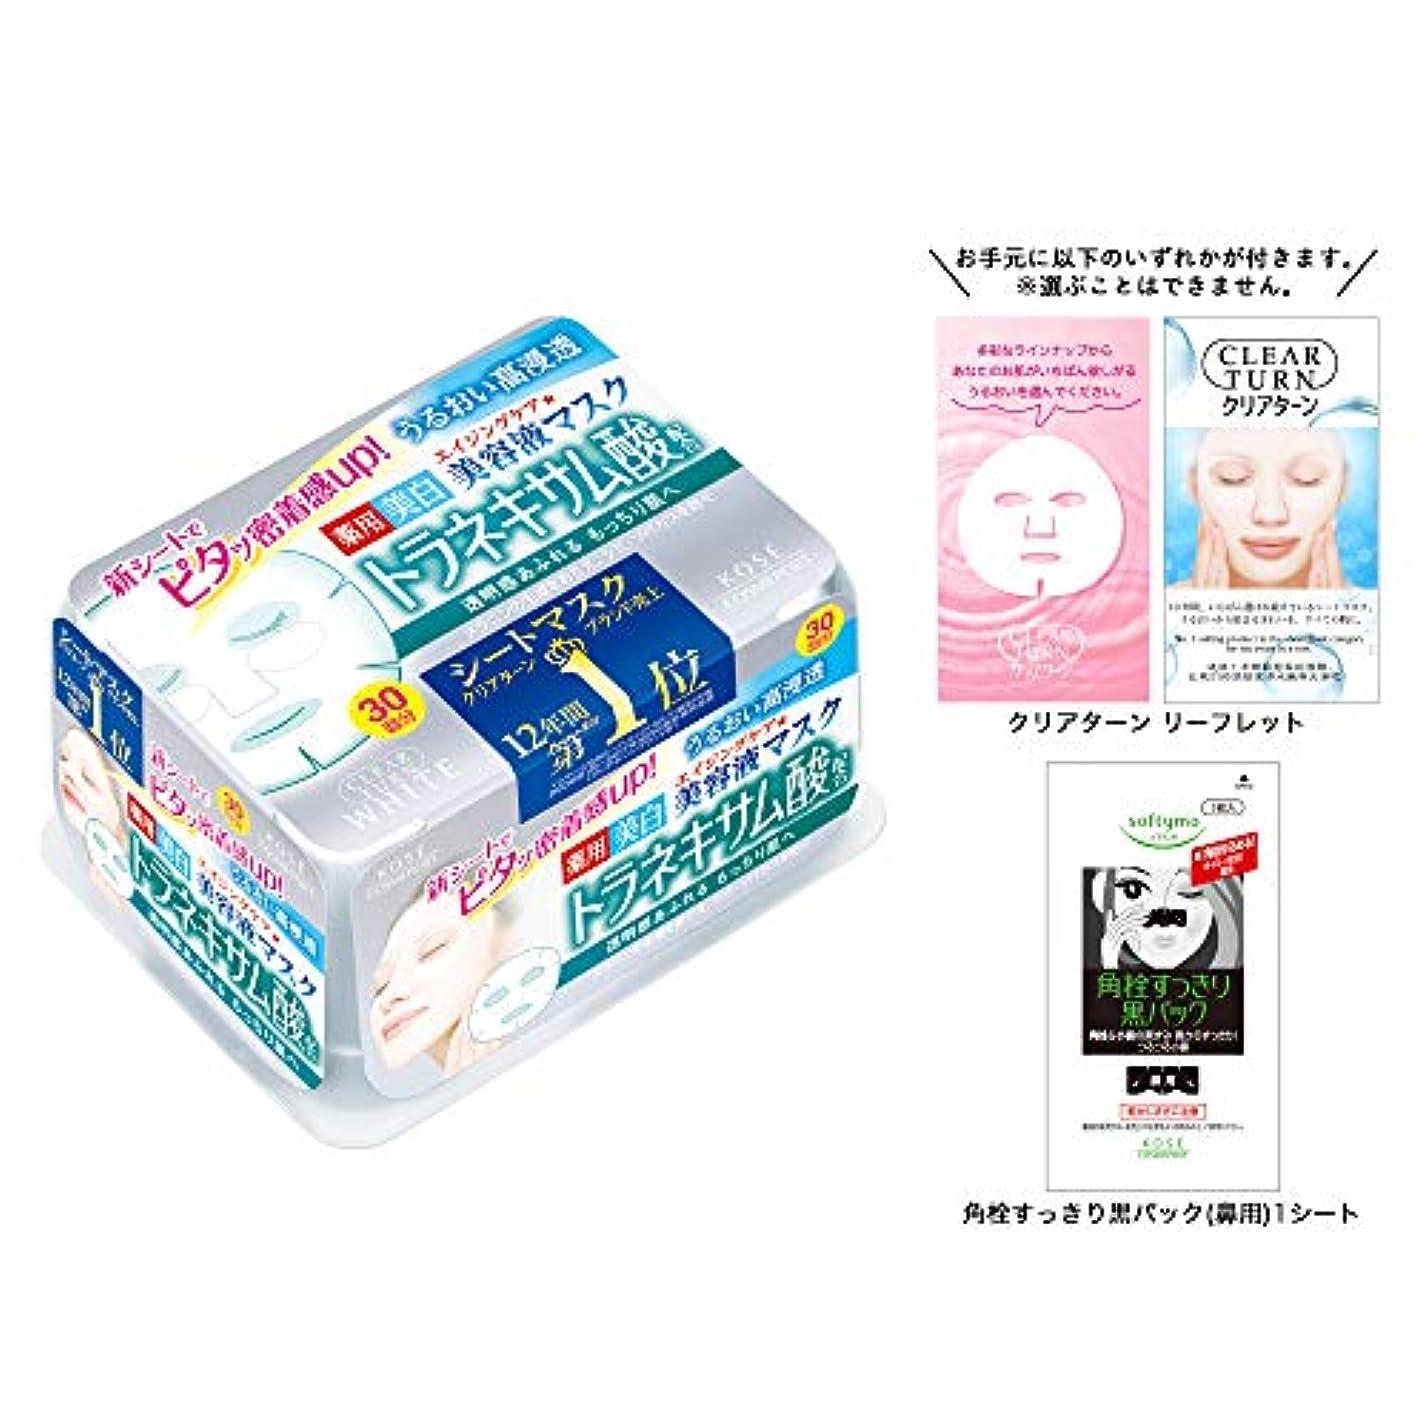 ブリードペチコート担当者【Amazon.co.jp限定】KOSE コーセー クリアターン エッセンス マスク (トラネキサム酸) 30枚 おまけ付 フェイスマスク (医薬部外品)